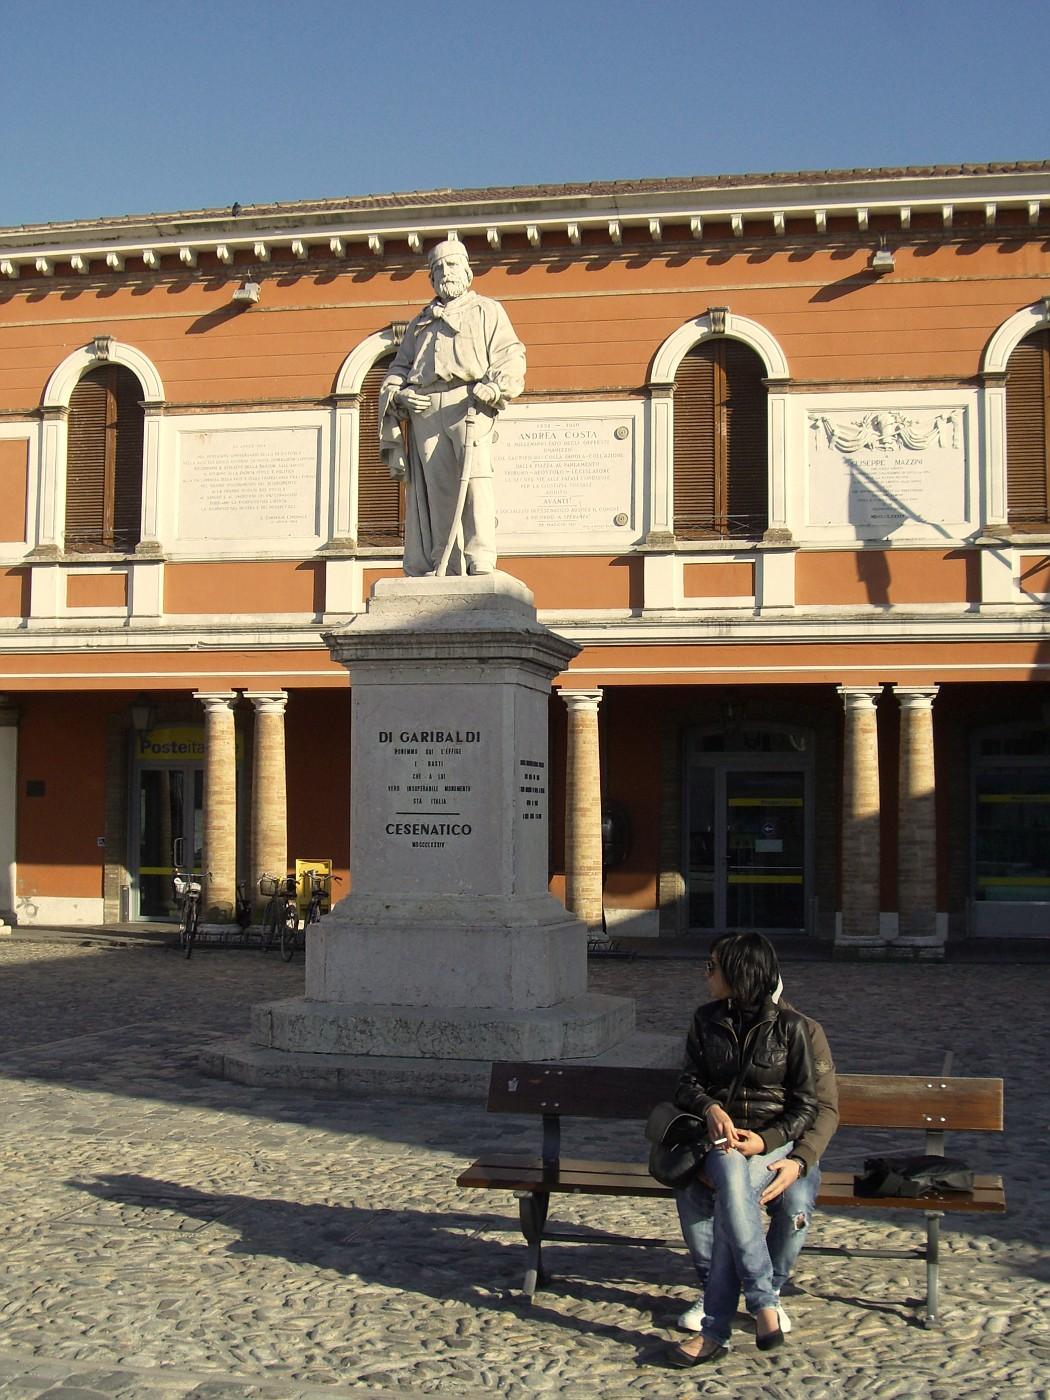 Monumento di Garibaldi